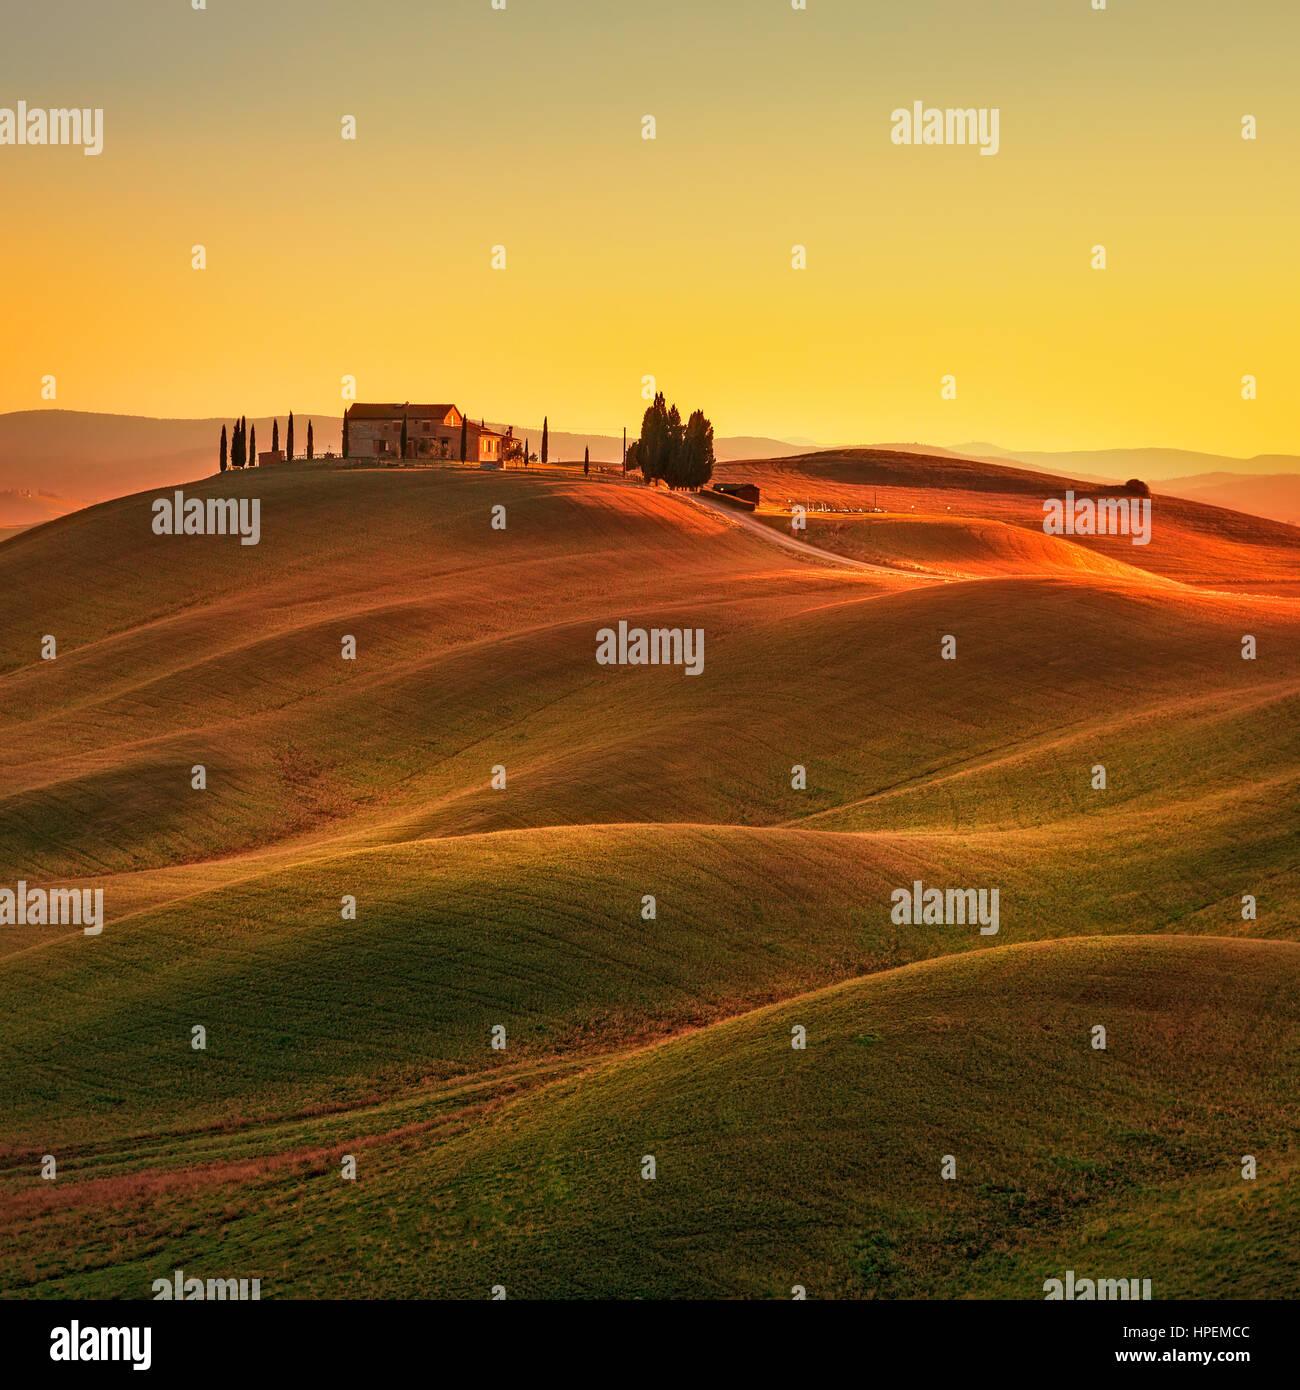 Toscana, paisaje rural en Crete Senesi tierra. Colinas, campo, granja de árboles cipreses, campo verde en un cálido Foto de stock